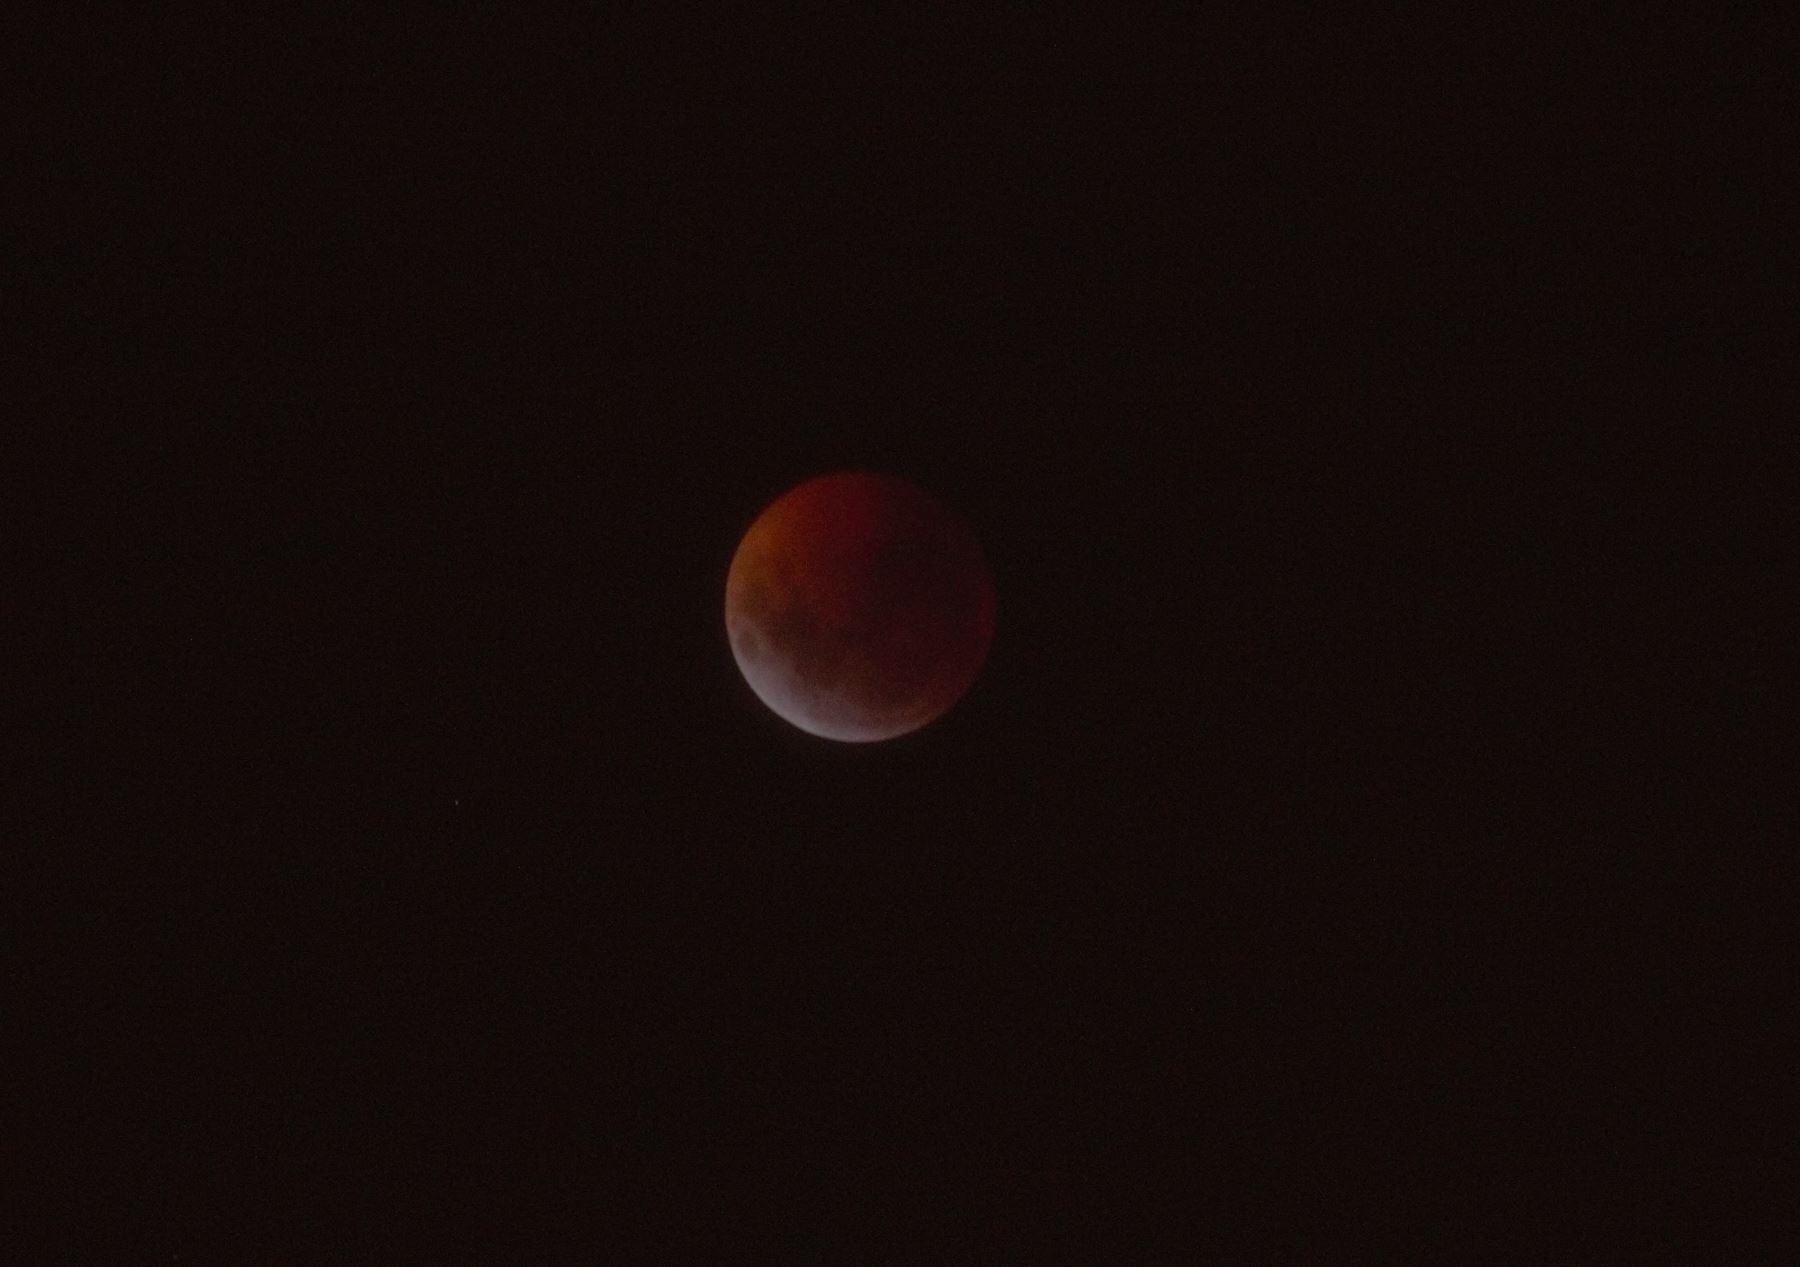 La Luna de sangre o Luna roja fue captada en el distrito de Magdalena del Mar y pudo apreciarse en distintas ciudades del país. Este fenómeno solo podrá verse nuevamente en noviembre del 2021. / Omar Swayne